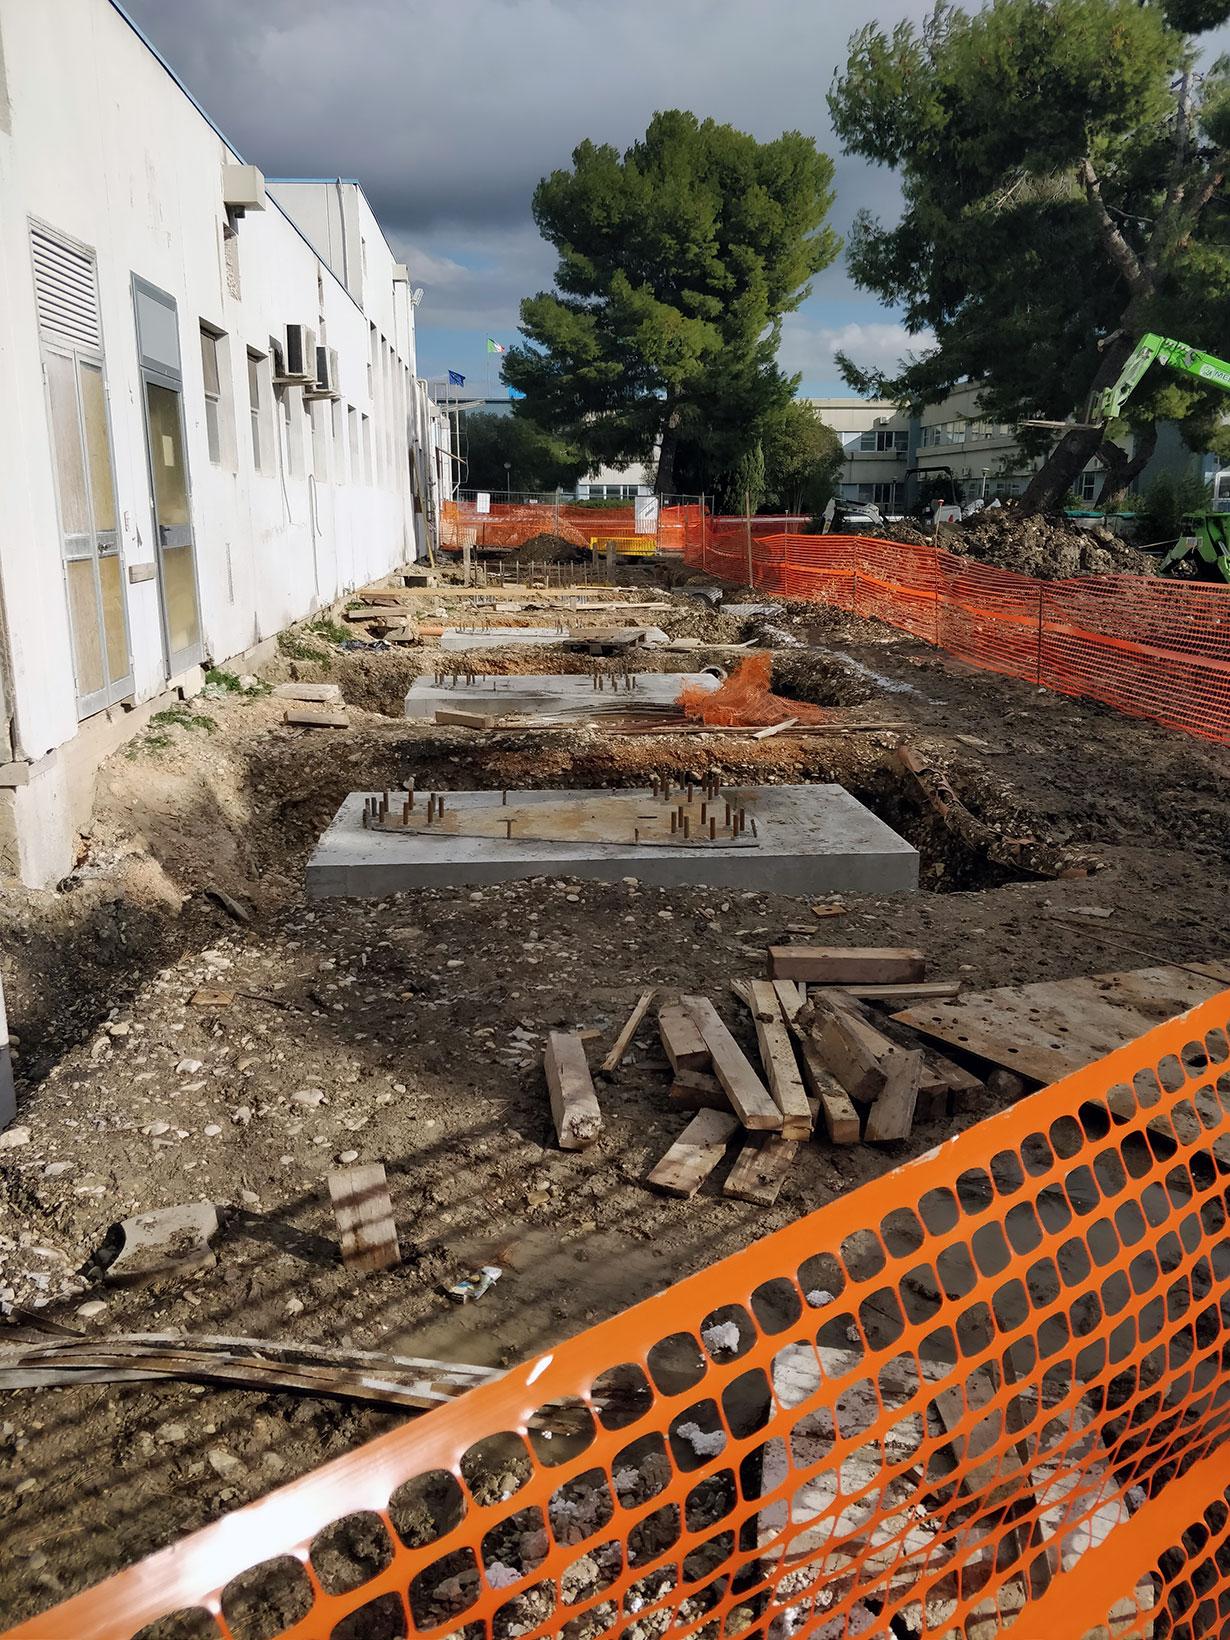 Gruppo ingegneria Torino - Consolidamento sismico di un fabbricato mensa in sito industriale